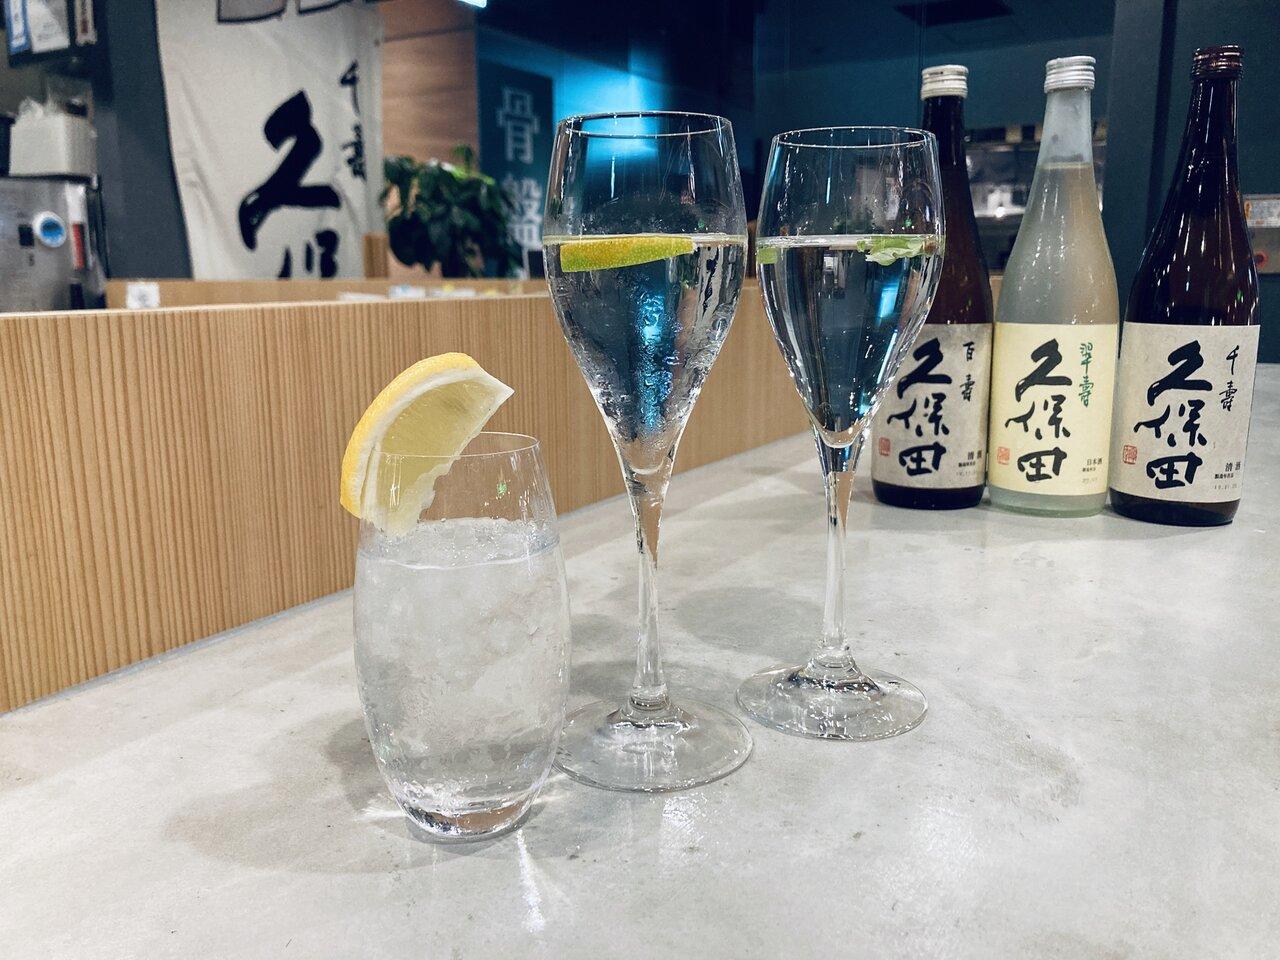 渋谷PARCO限定!キリっと爽快、夏限定の日本酒カクテル。おうちで楽しめるレシピも紹介